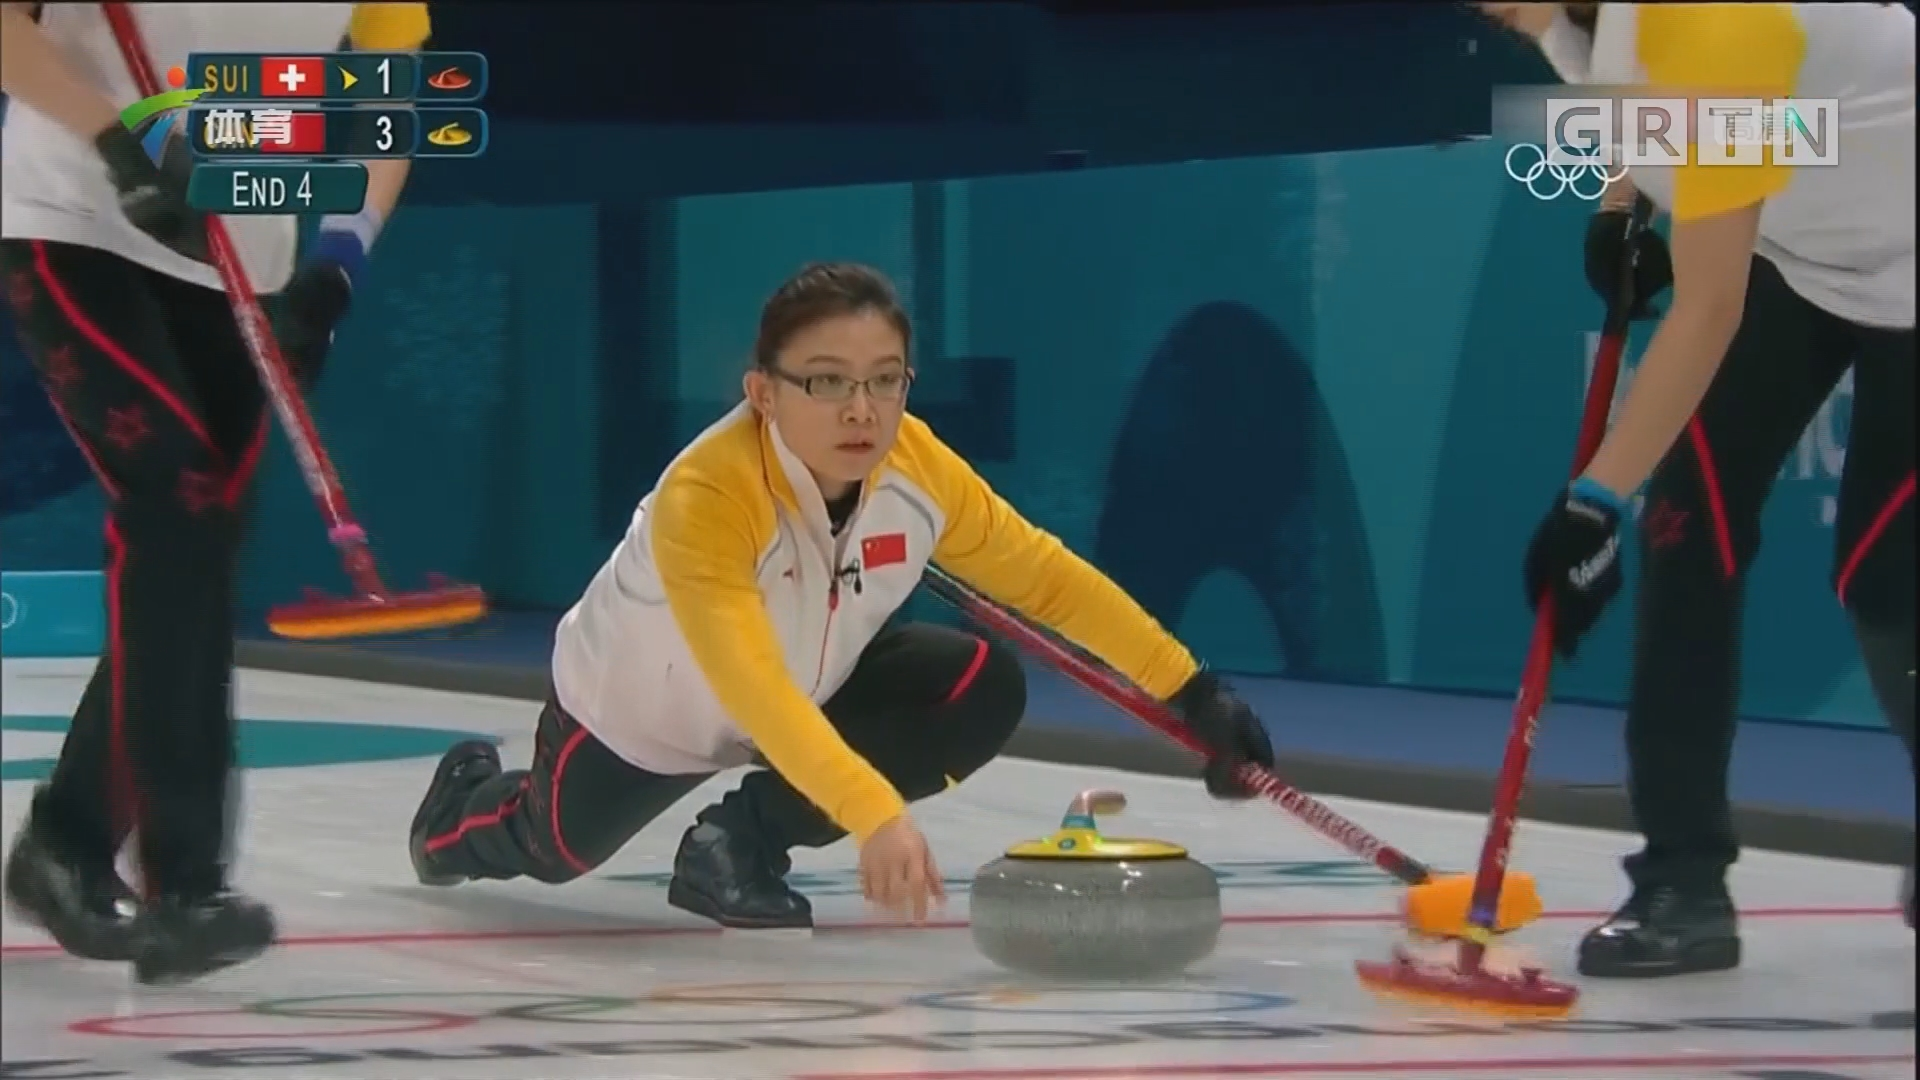 冬奥 中国女子冰壶胜瑞士 收获开门红